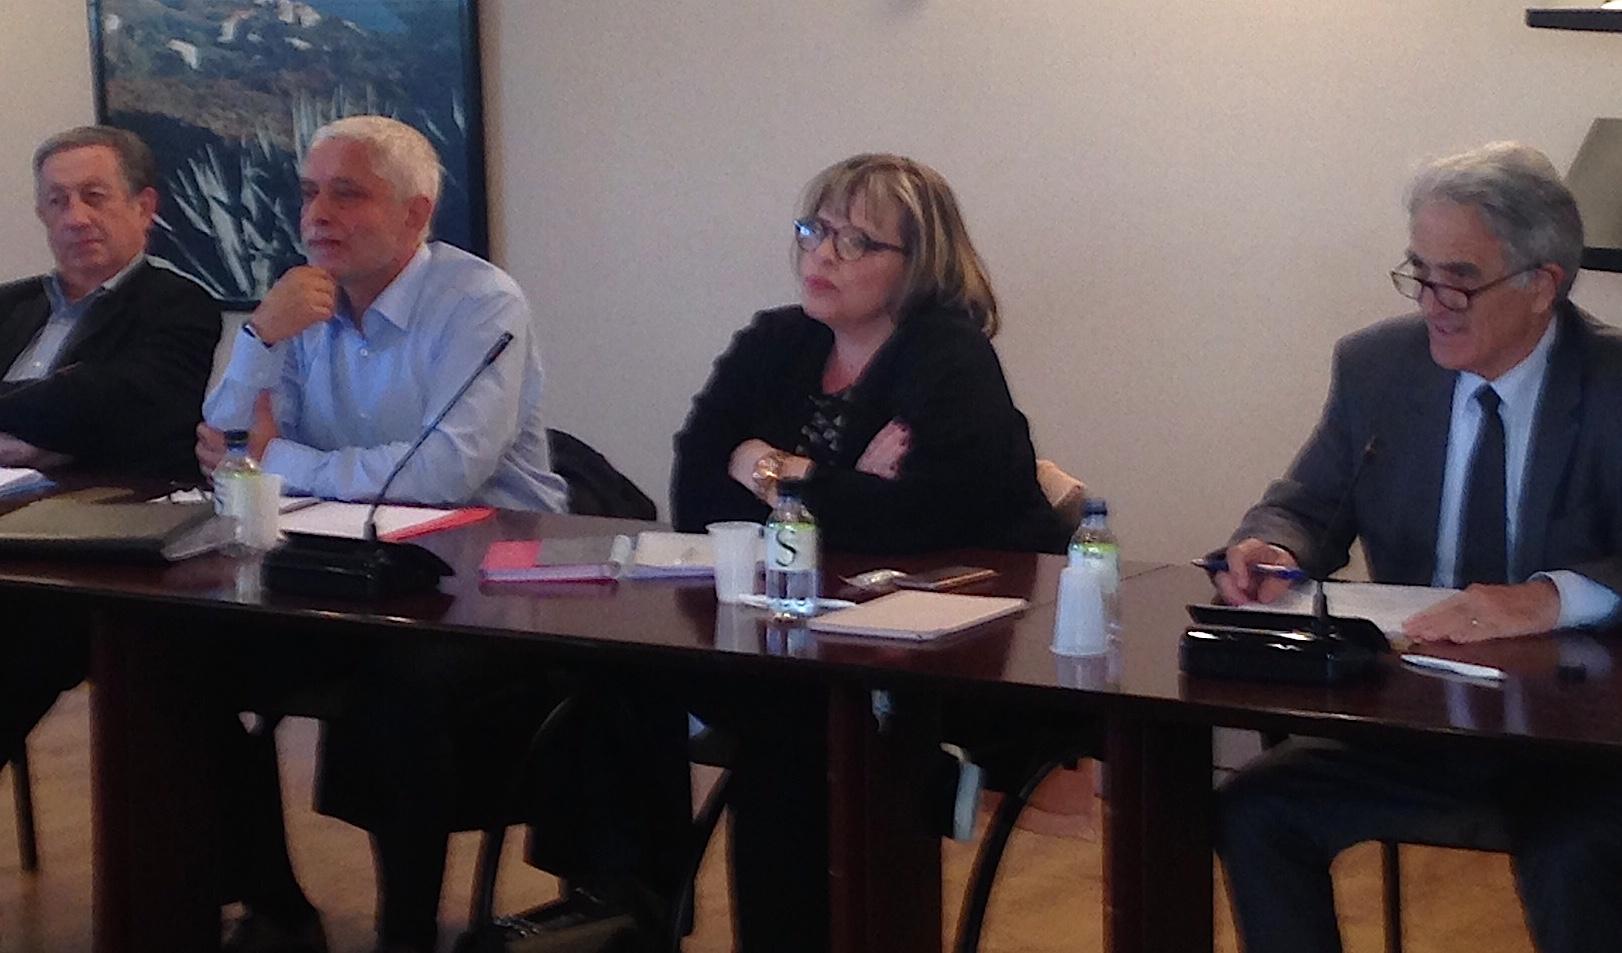 Conseil de surveillance de Air Corsica : Bilan satisfaisant, nouvelle stratégie et langue corse